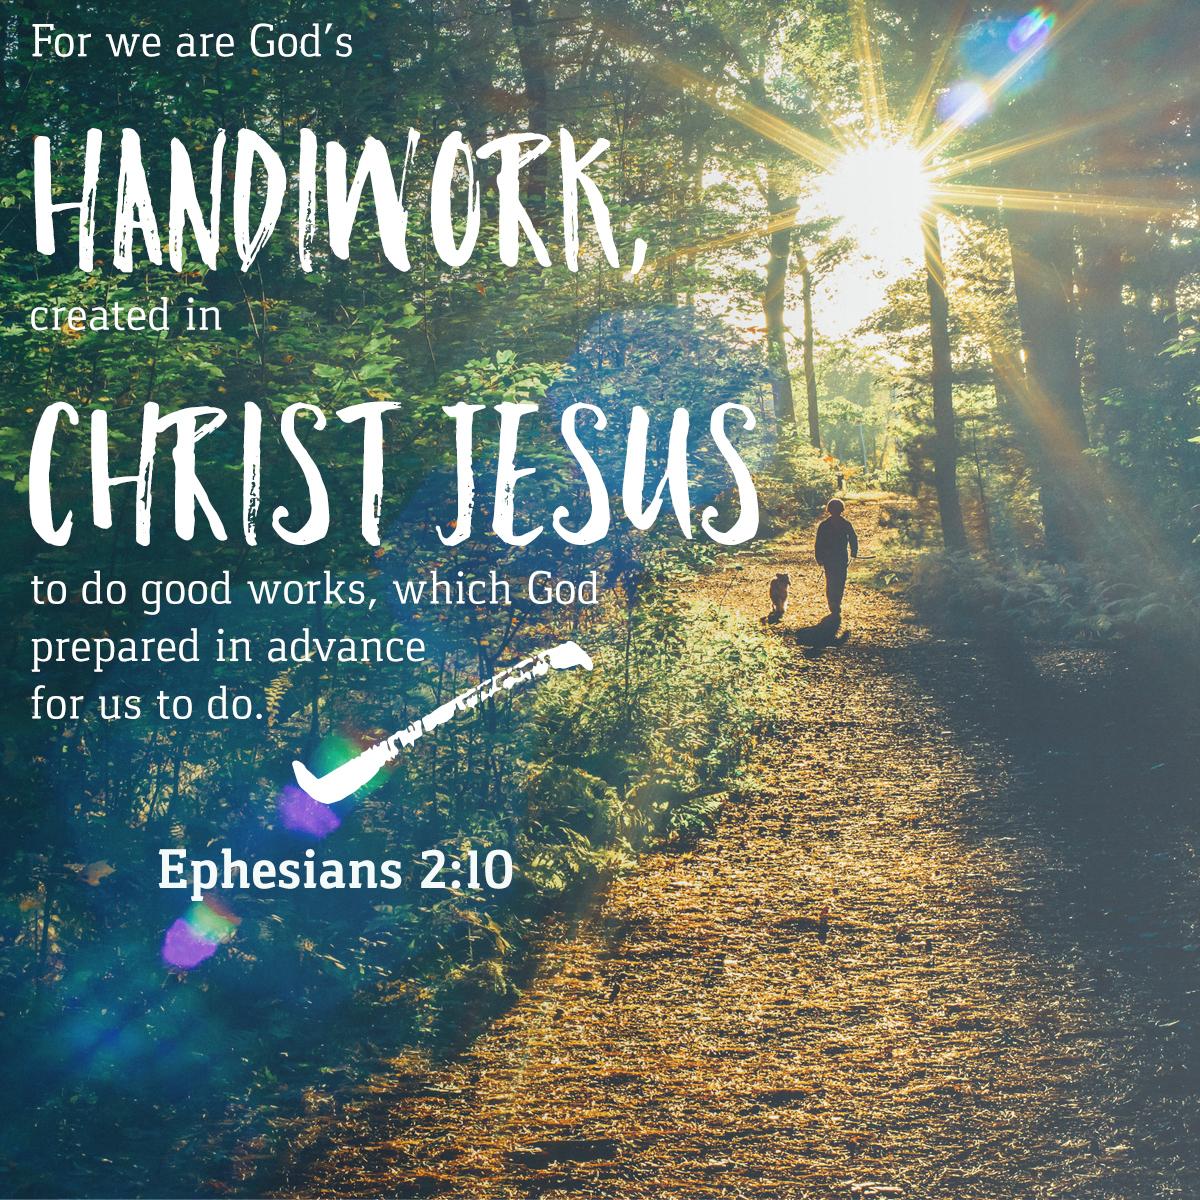 Ephesians 2:10-